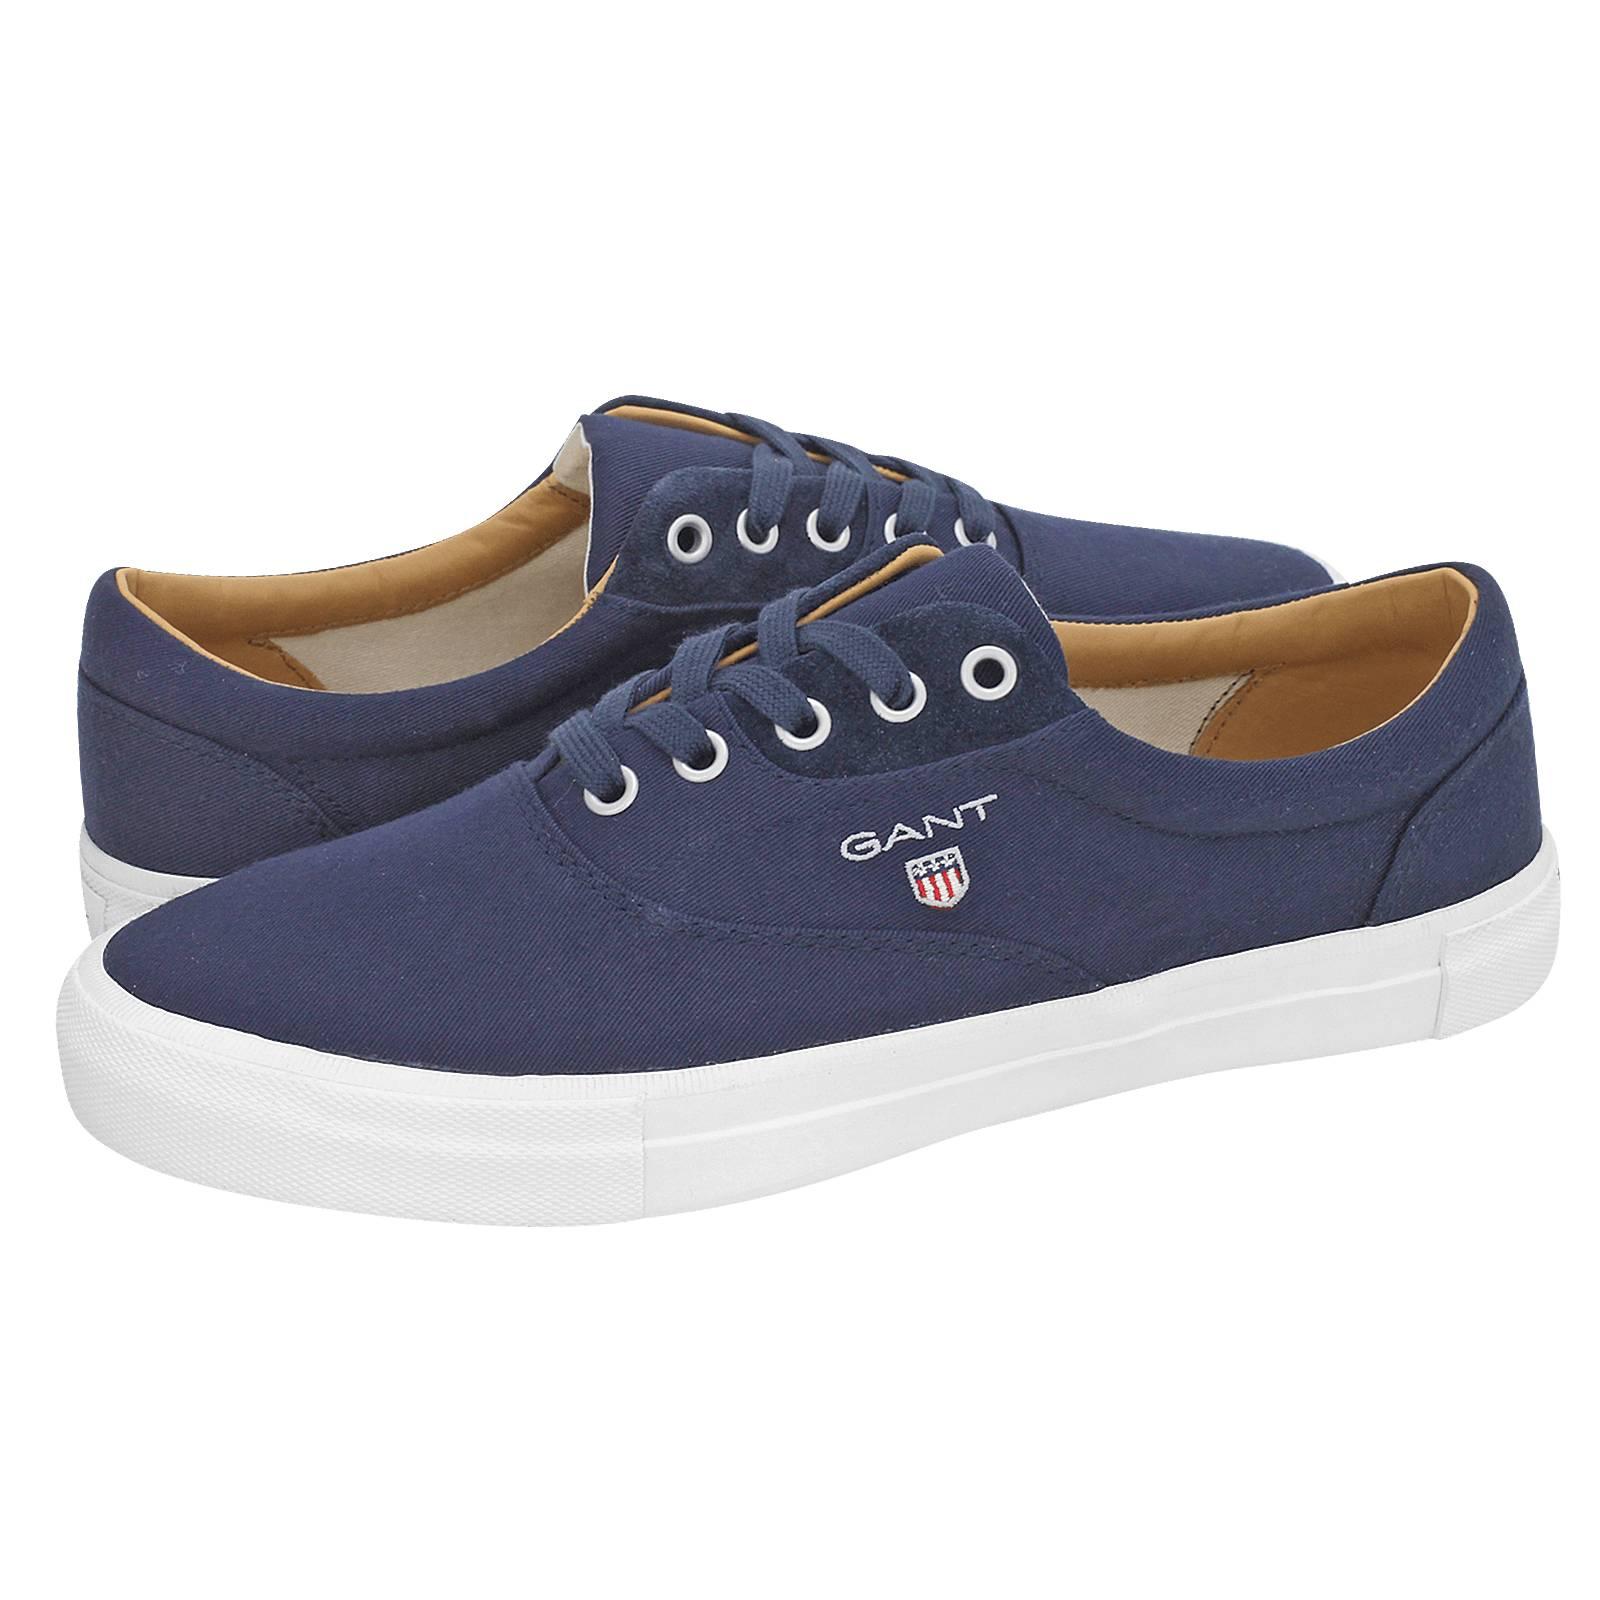 147076fe95e4 Hero - Ανδρικά παπούτσια casual Gant από υφασμα - Gianna Kazakou Online